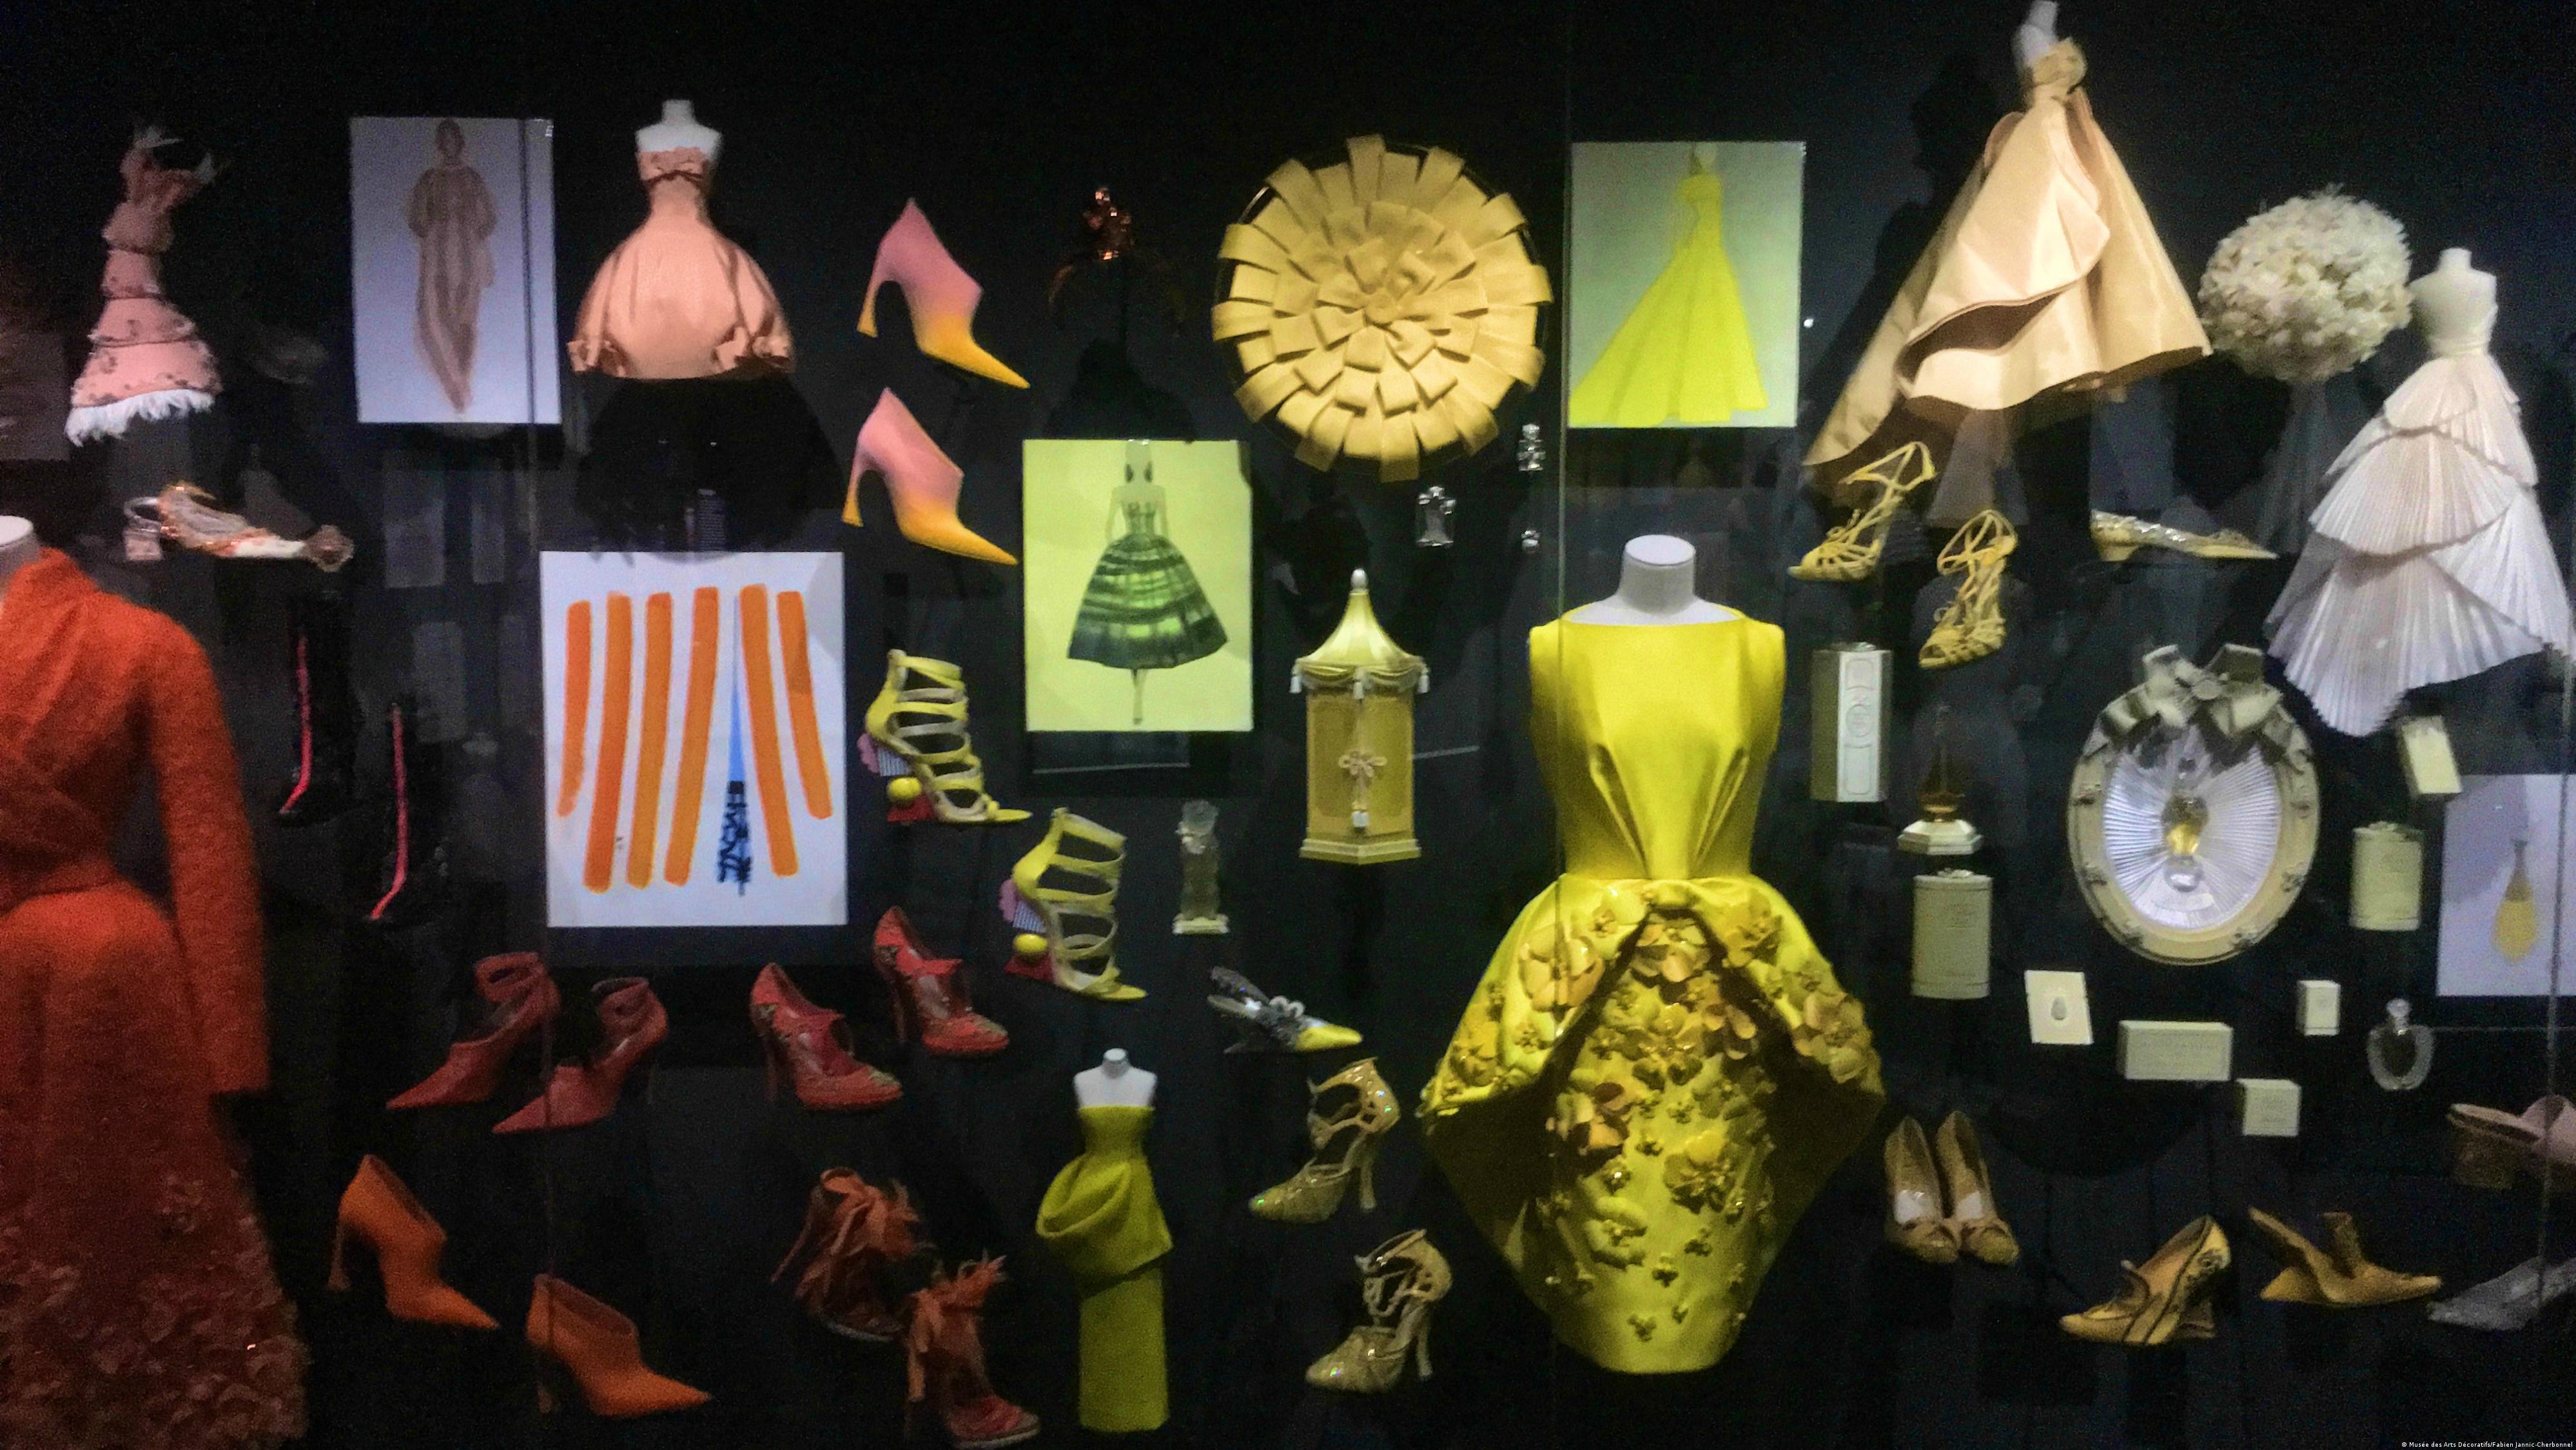 Formen, Farben, Kurven: 70 Jahre Christian Dior - eine Retrospektive ...